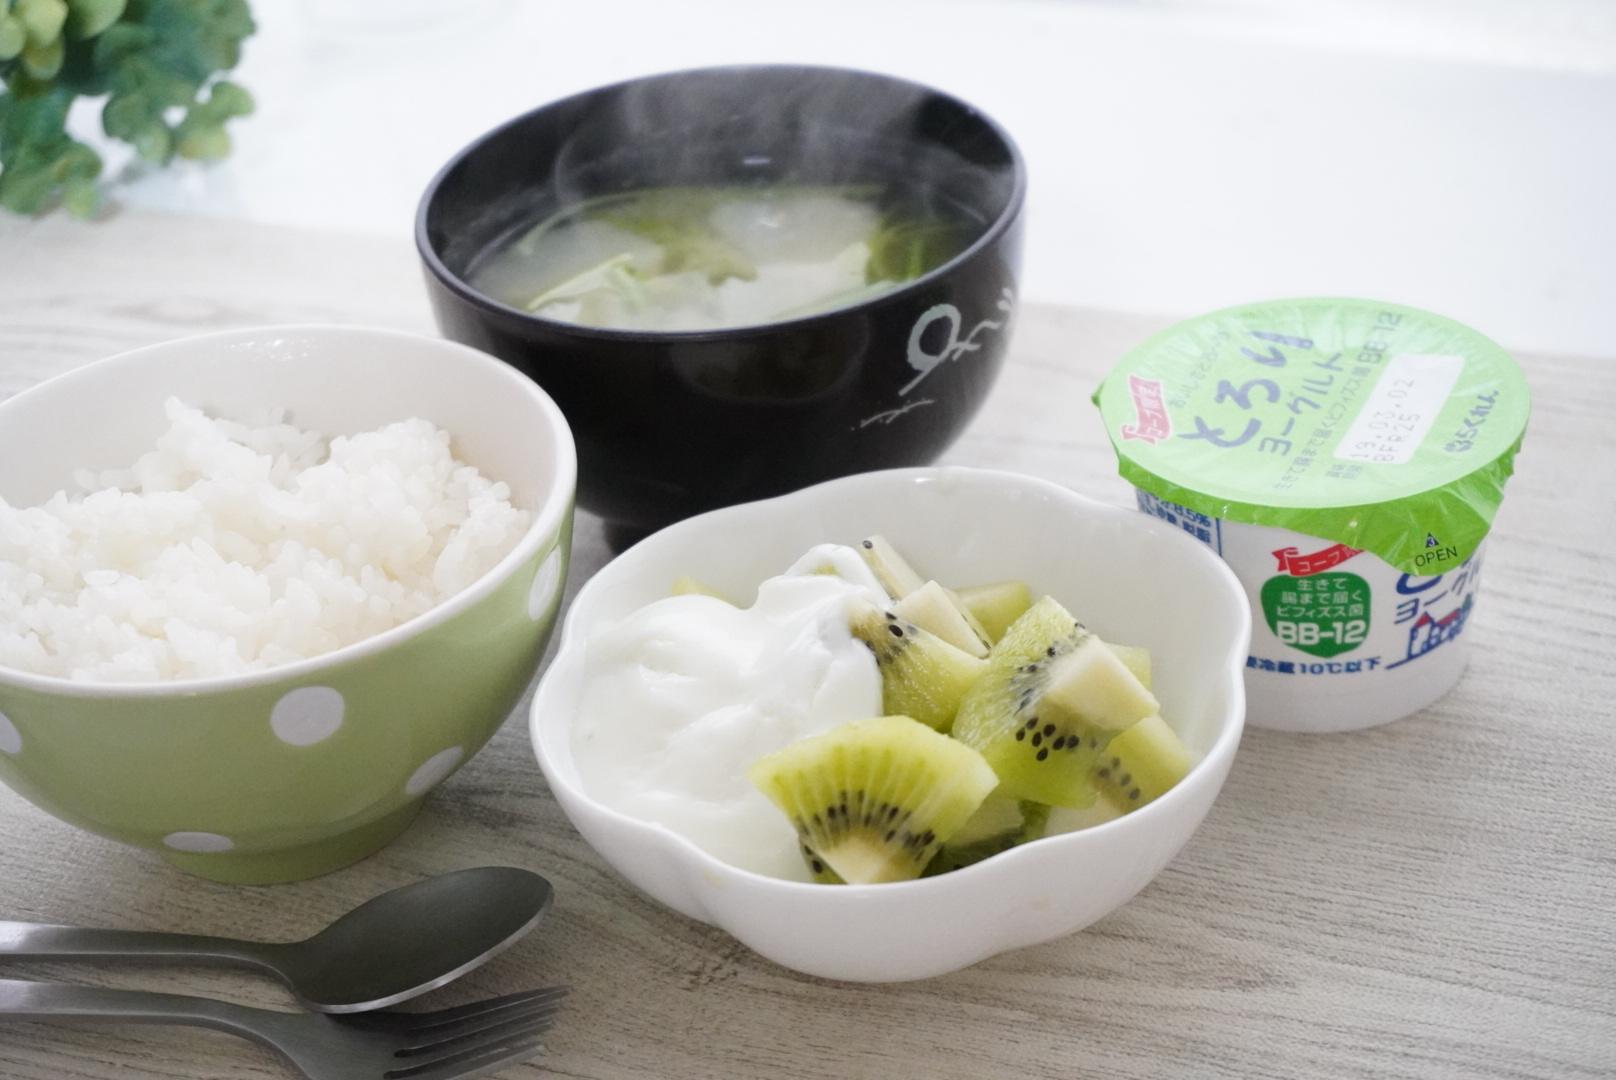 効果 キウイ フルーツ 便秘を解消する食べ物「キウイ」が断トツで効果的な3つの理由